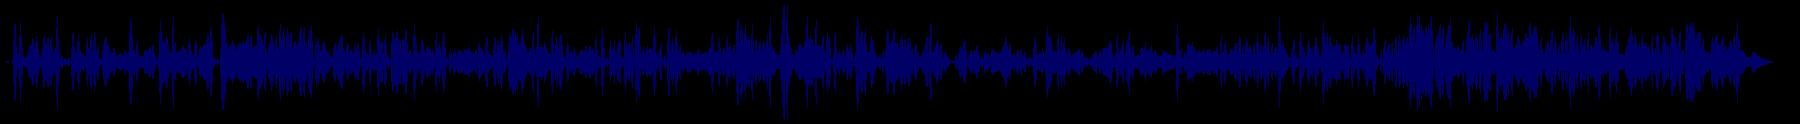 waveform of track #70015